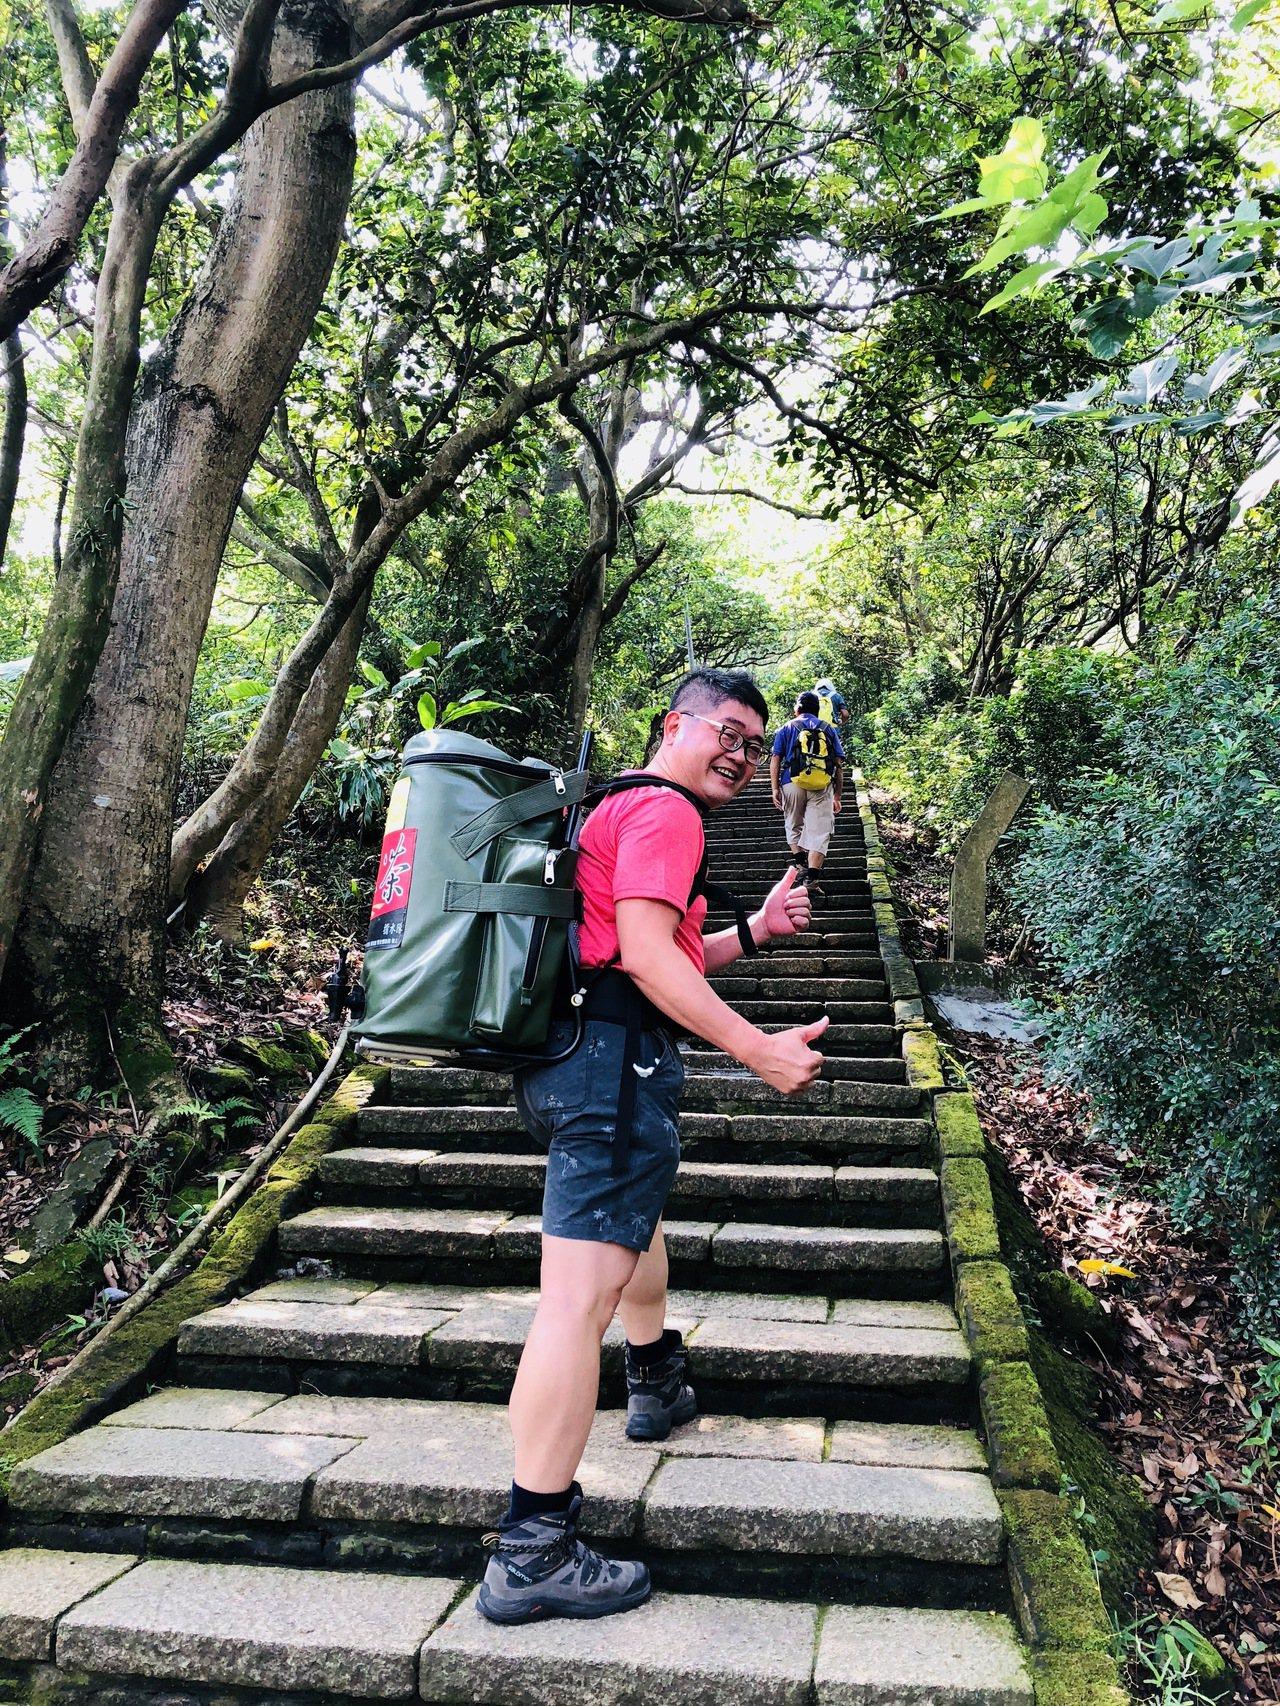 奉茶文化,背30公斤的熱茶登山,除了訓練肌耐力,還能分享給山友解渴。 圖/林青穀...